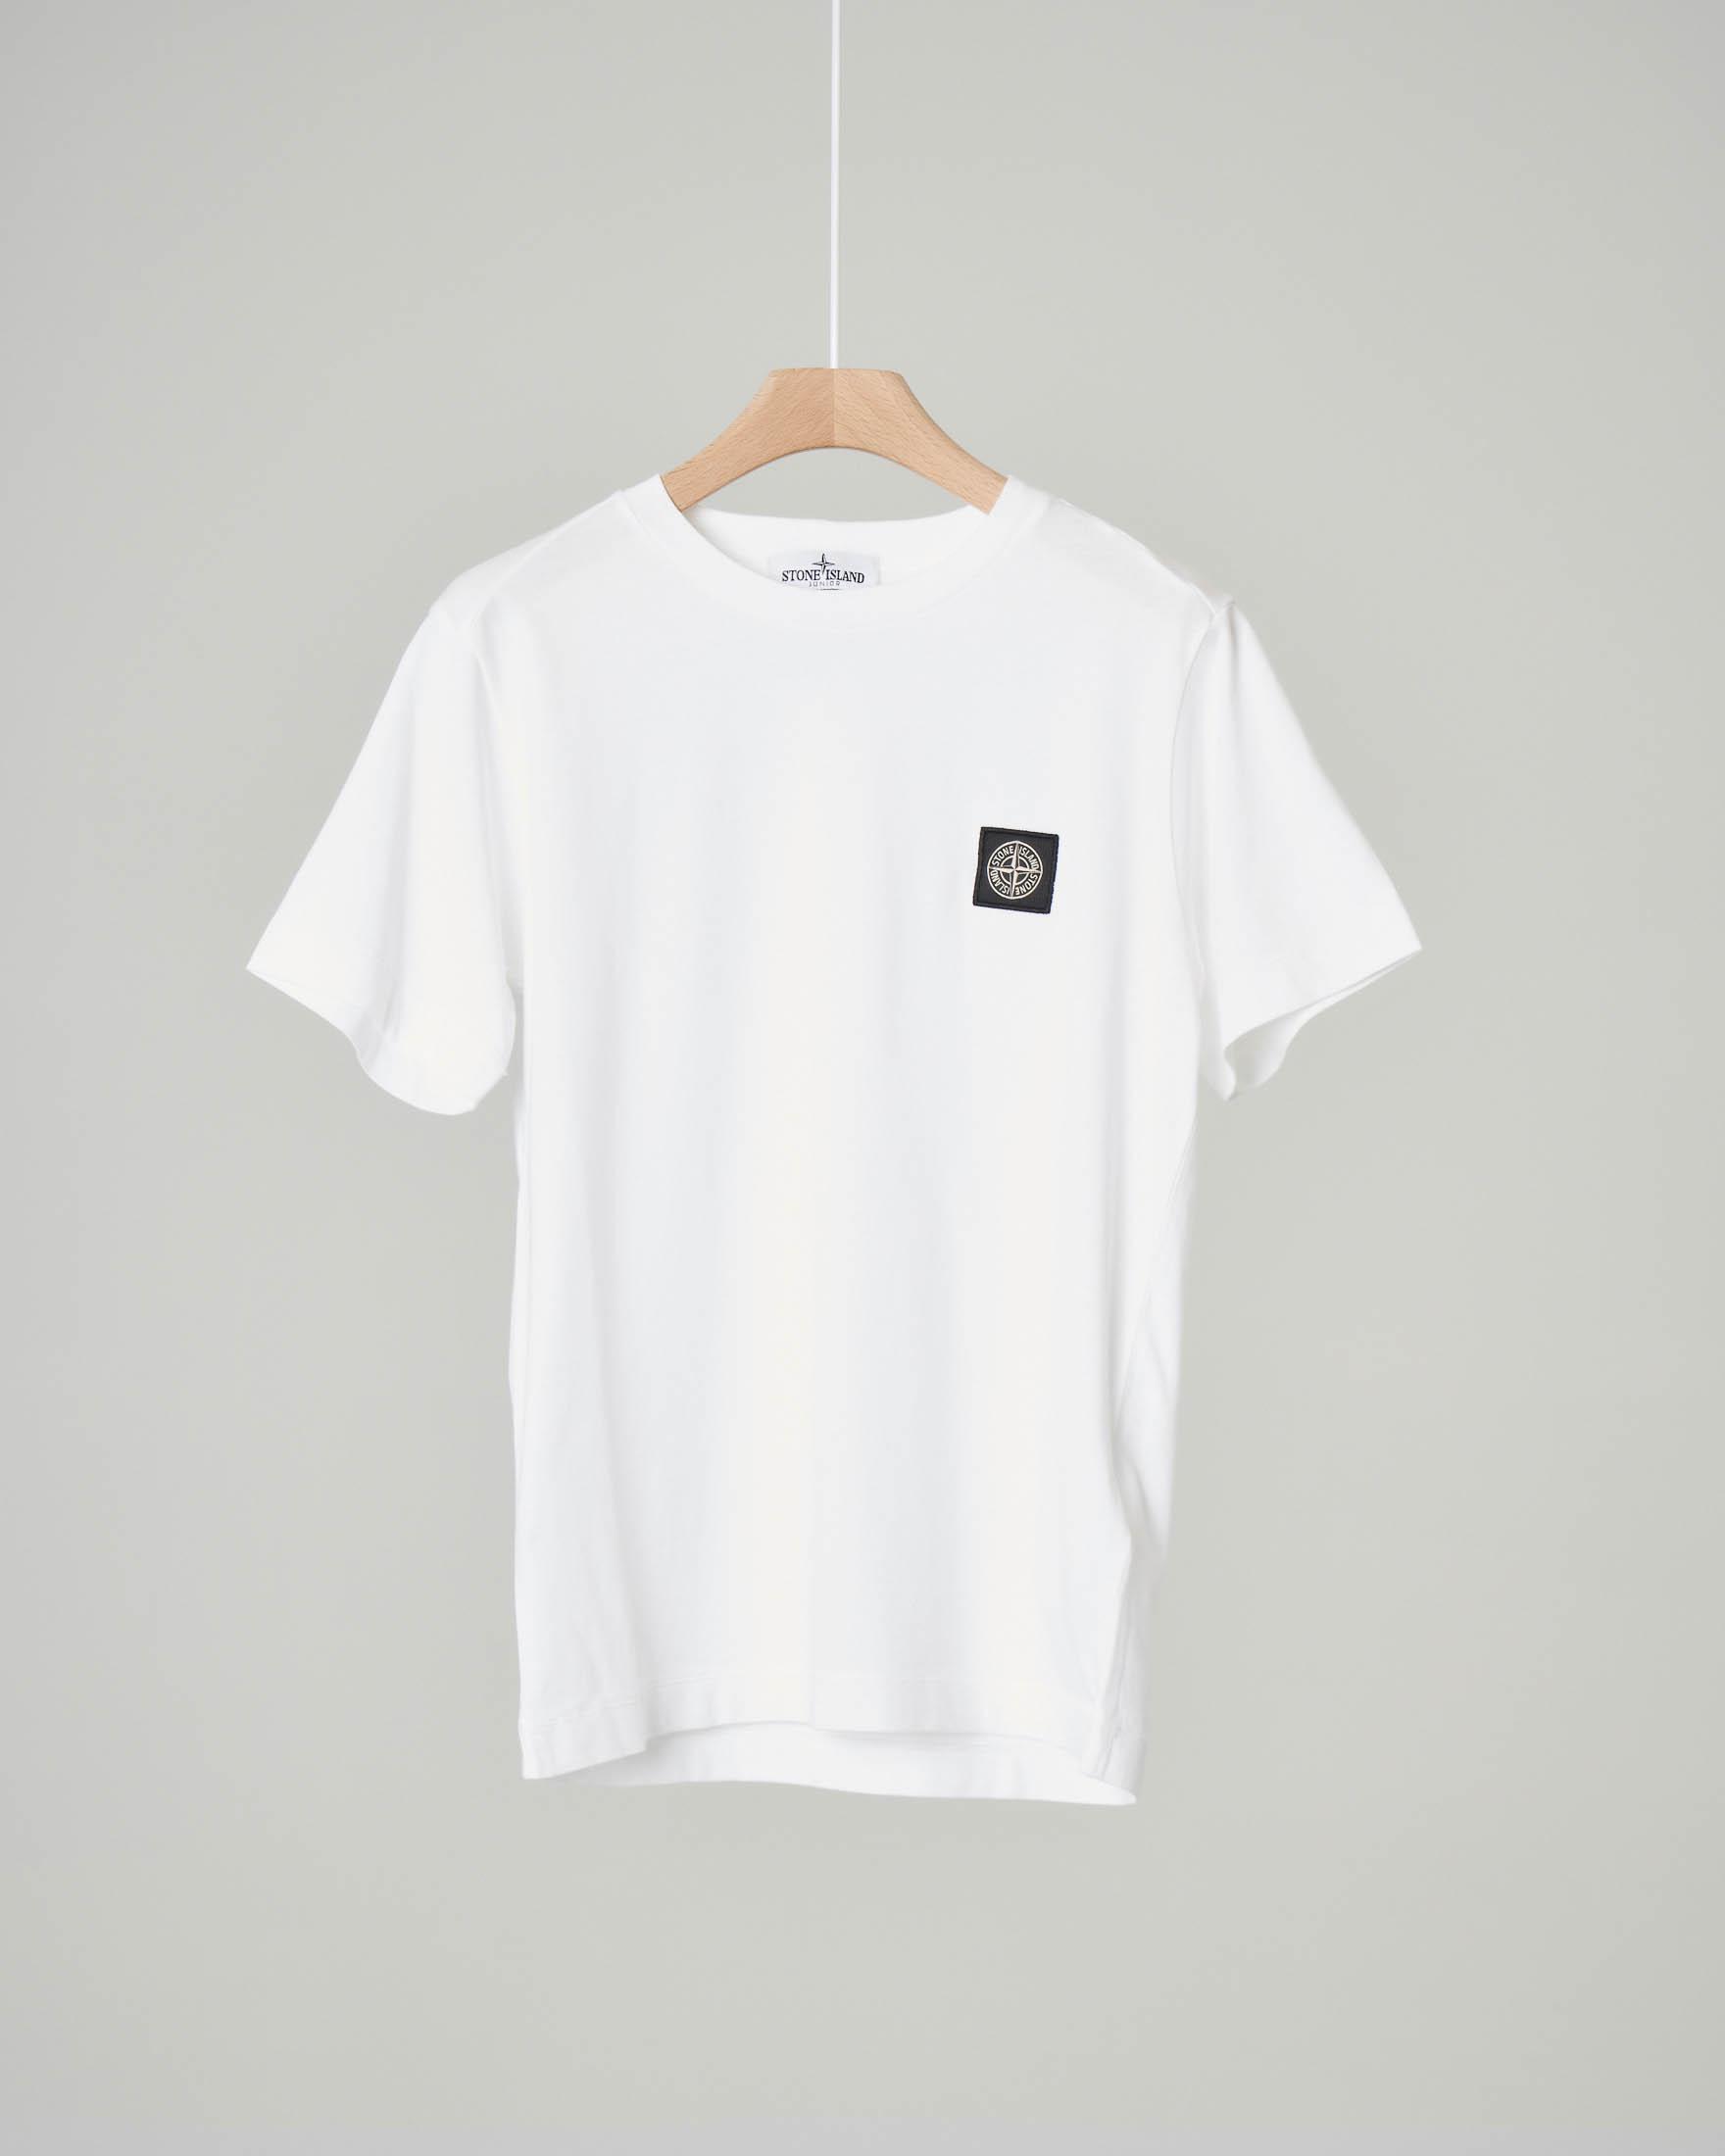 T-shirt bianca mezza manica con logo patch rosa dei venti applicato 10-12 anni